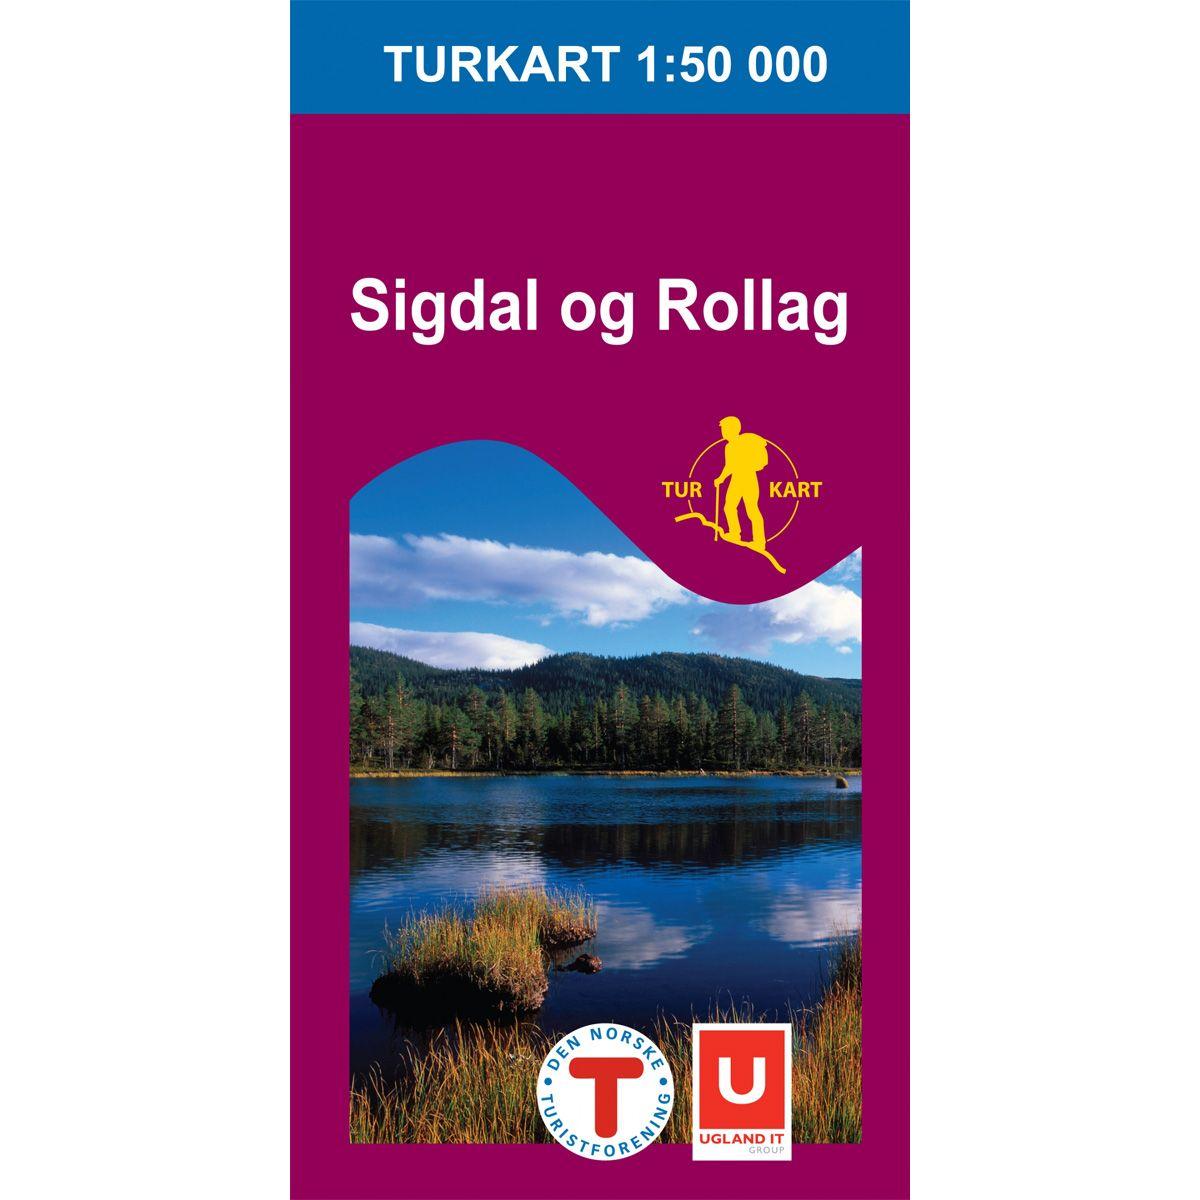 Sigdal og Rollag